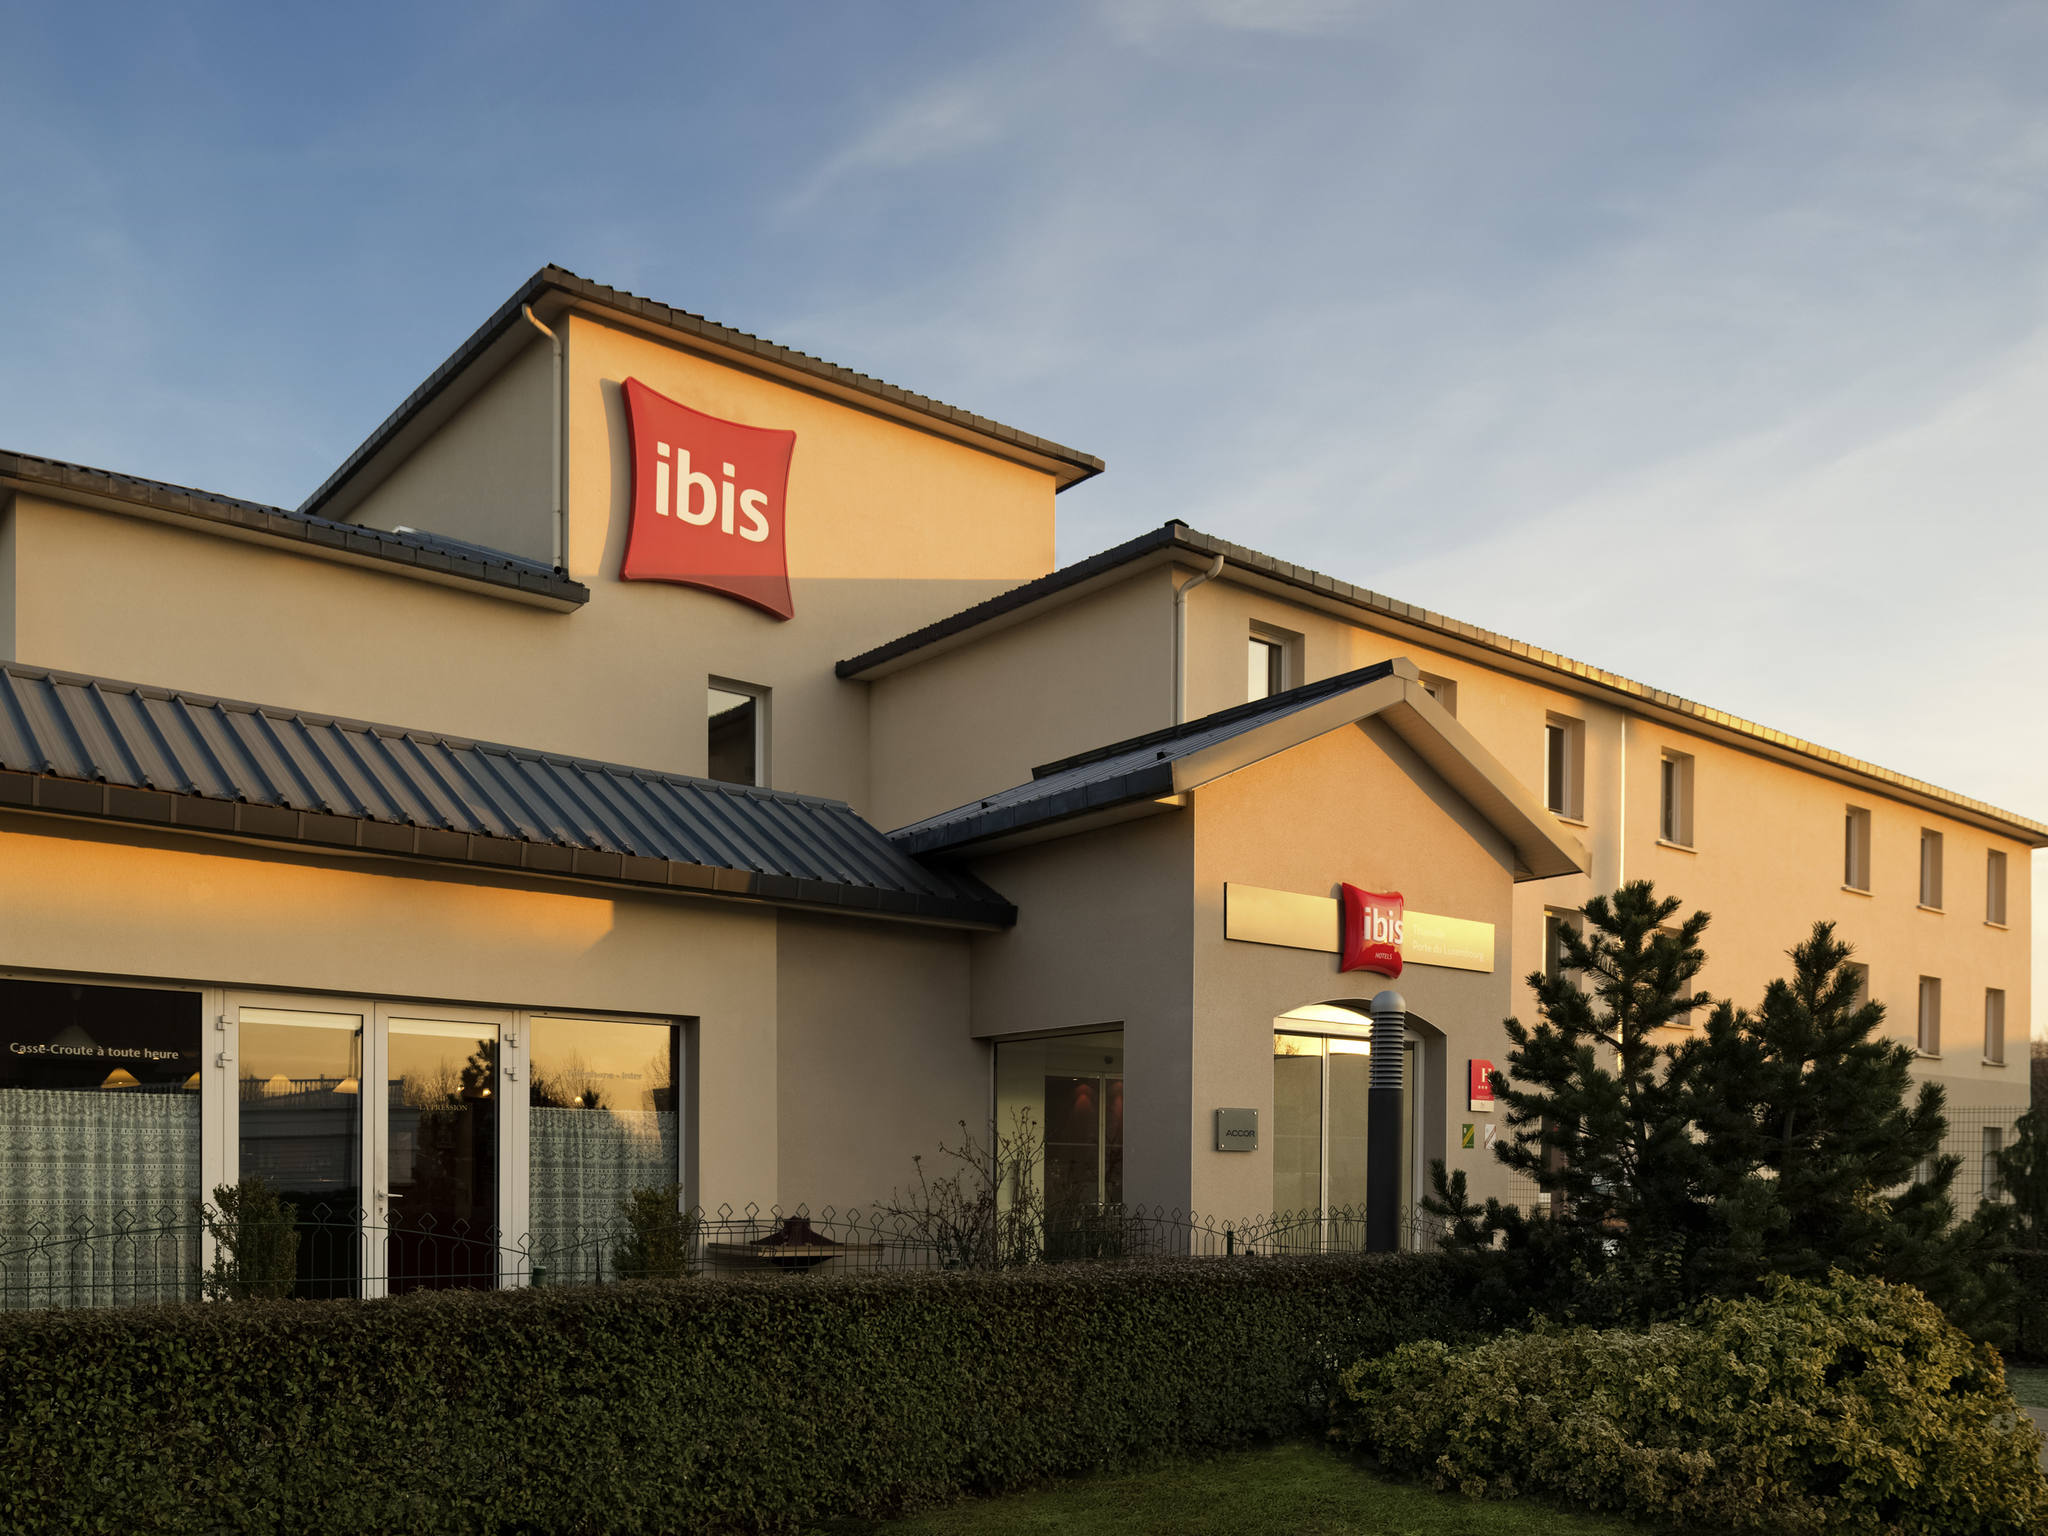 Hôtel à yutz ibis thionville porte du luxembourg